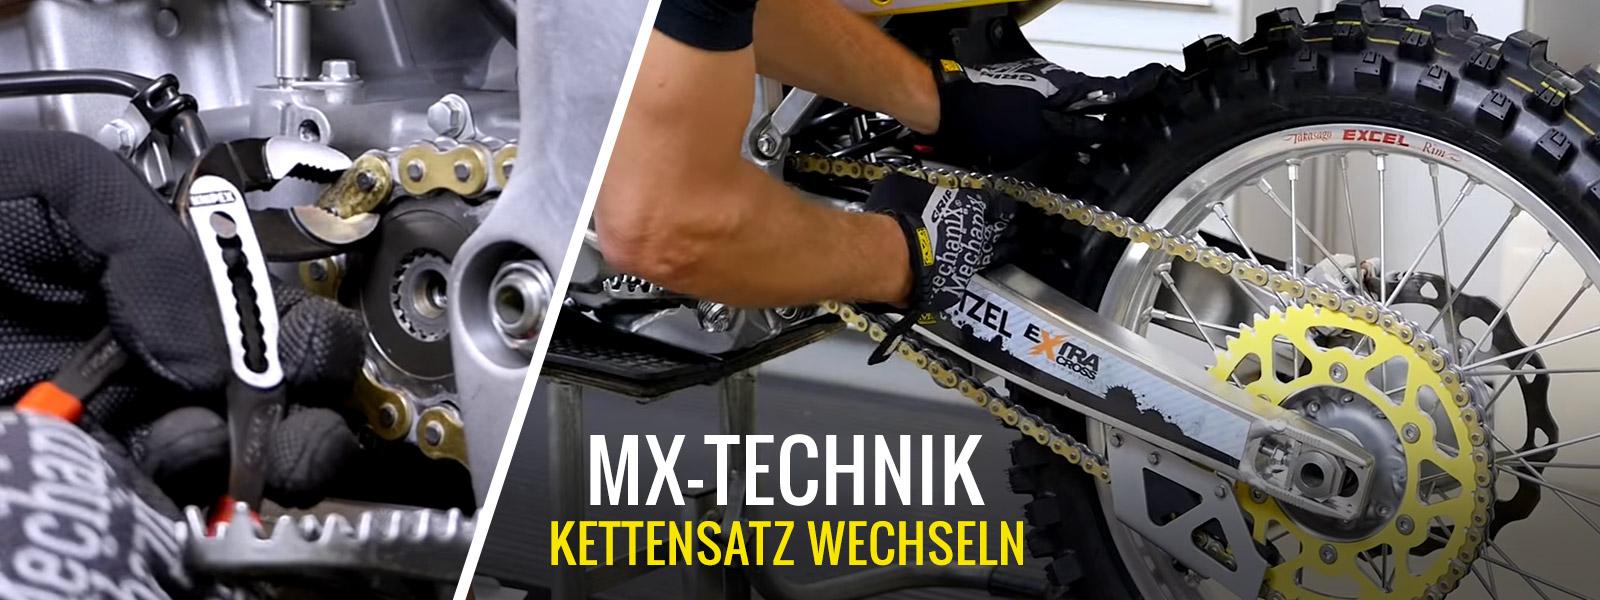 Motocross & Enduro Kettensatz wechseln